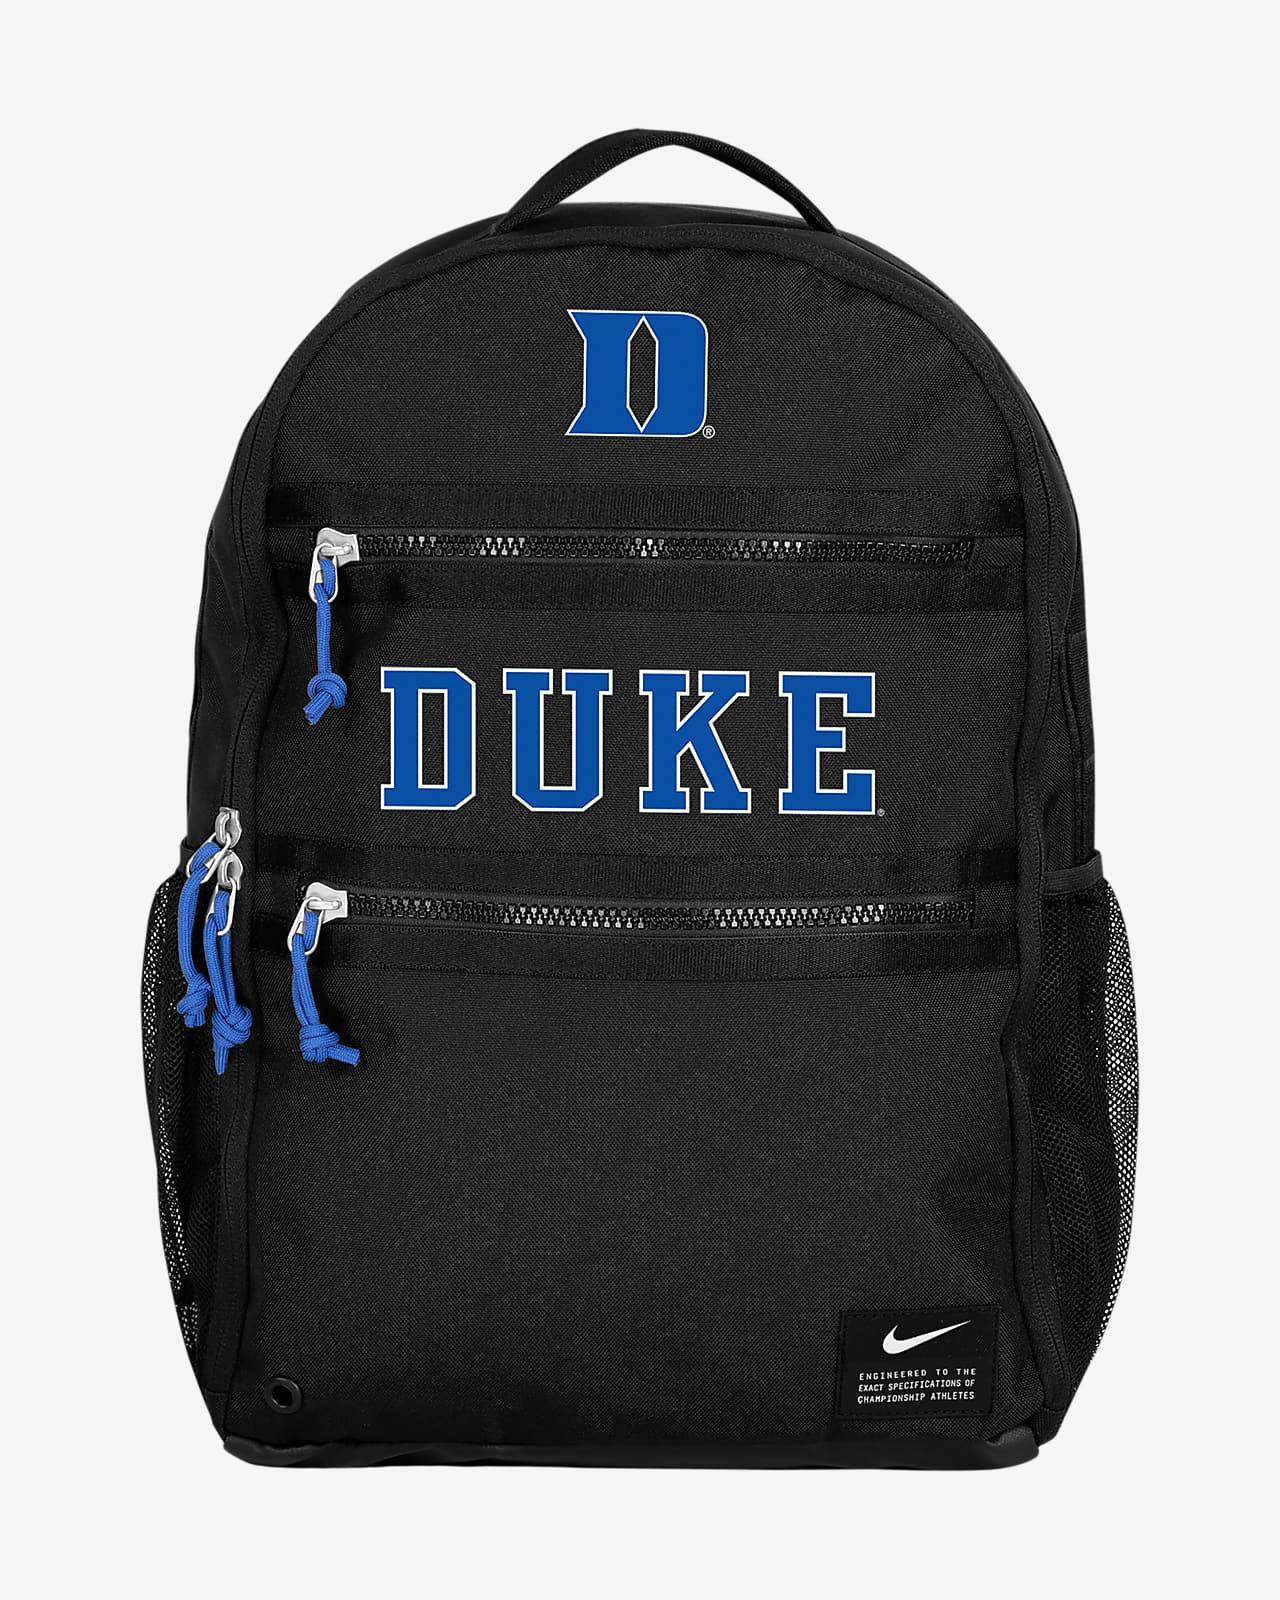 Nike College (Duke) Backpack